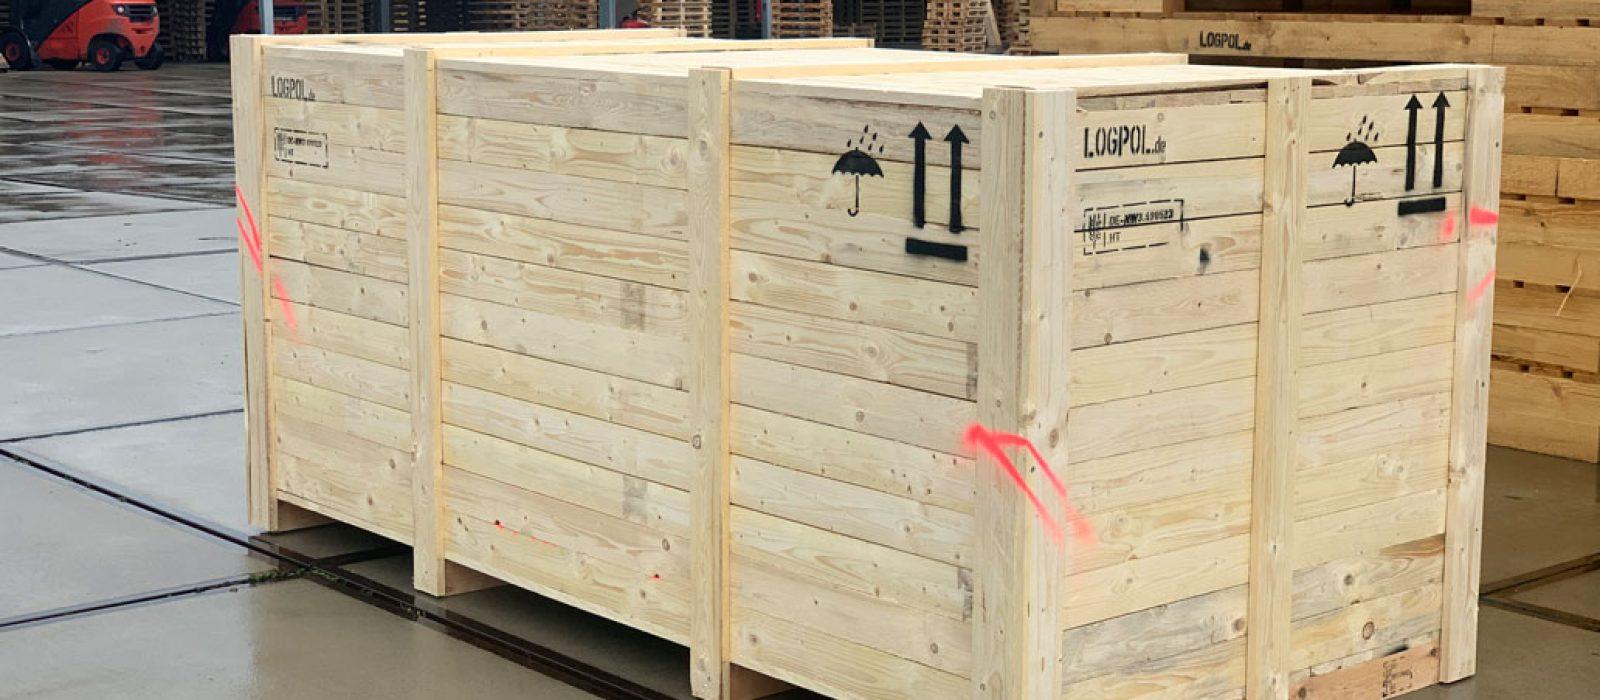 Holzkiste-2800x1200x1200-LOGPOL